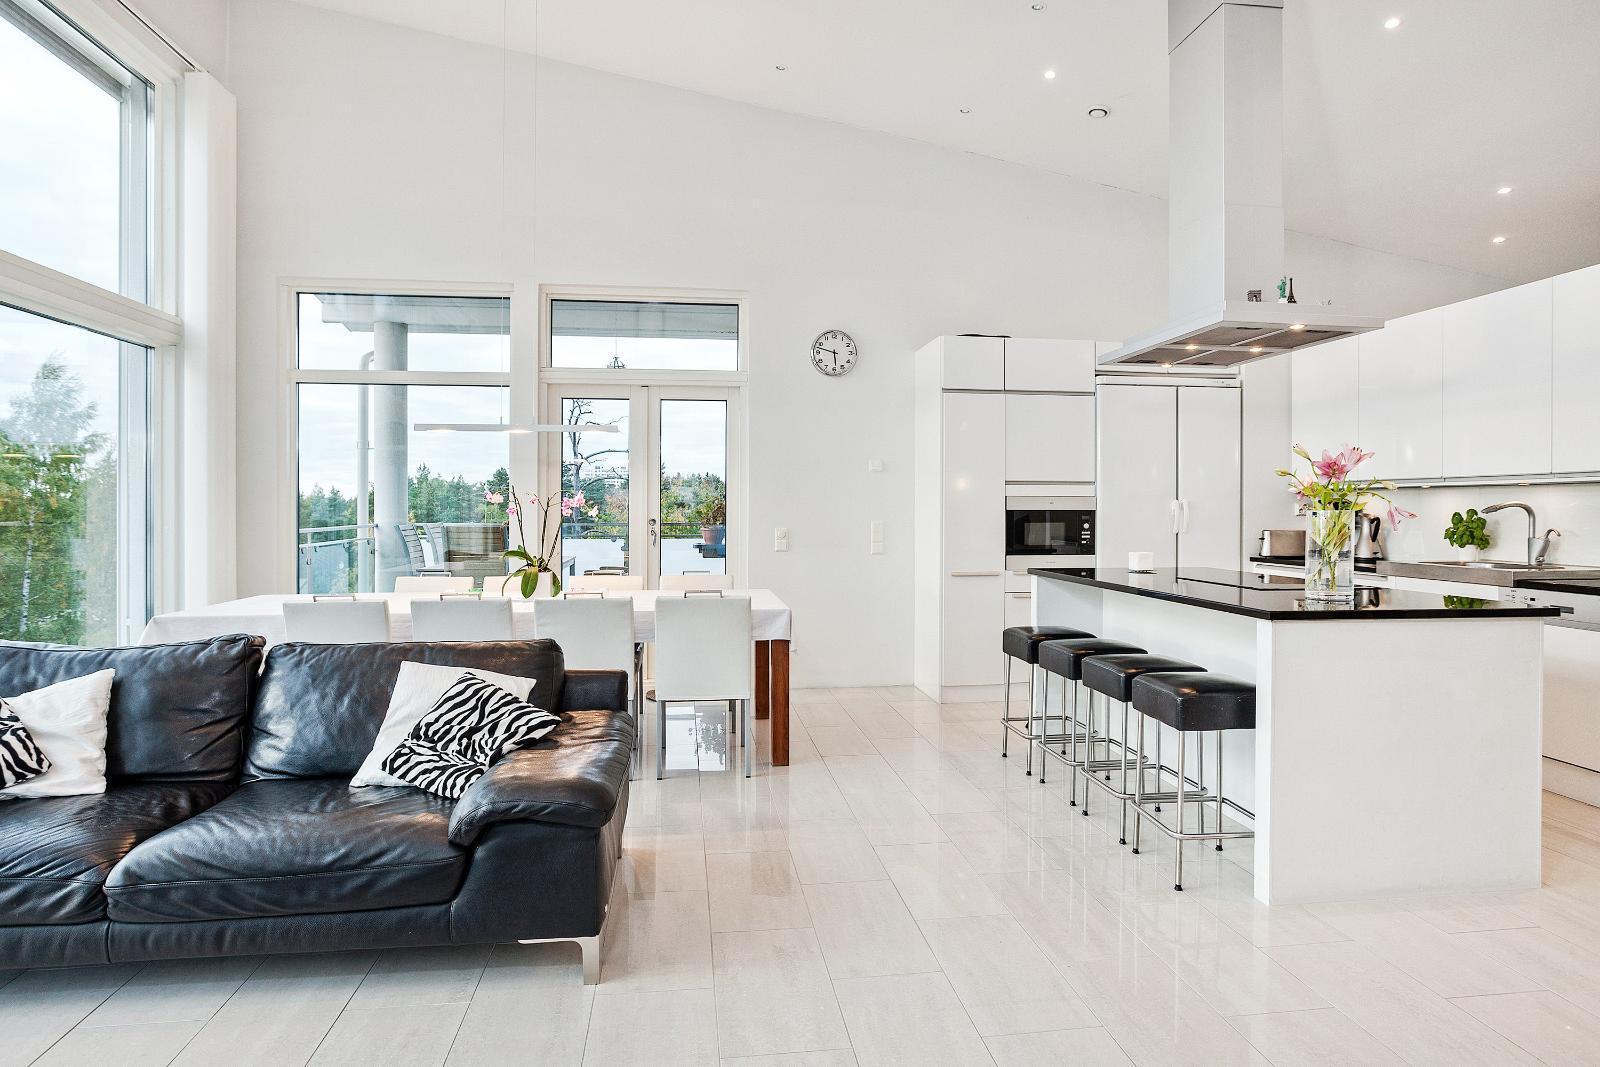 Moderni keittiö ruokailutila, Etuovi com Asunnot, 55e01892e4b0c08a2563271e